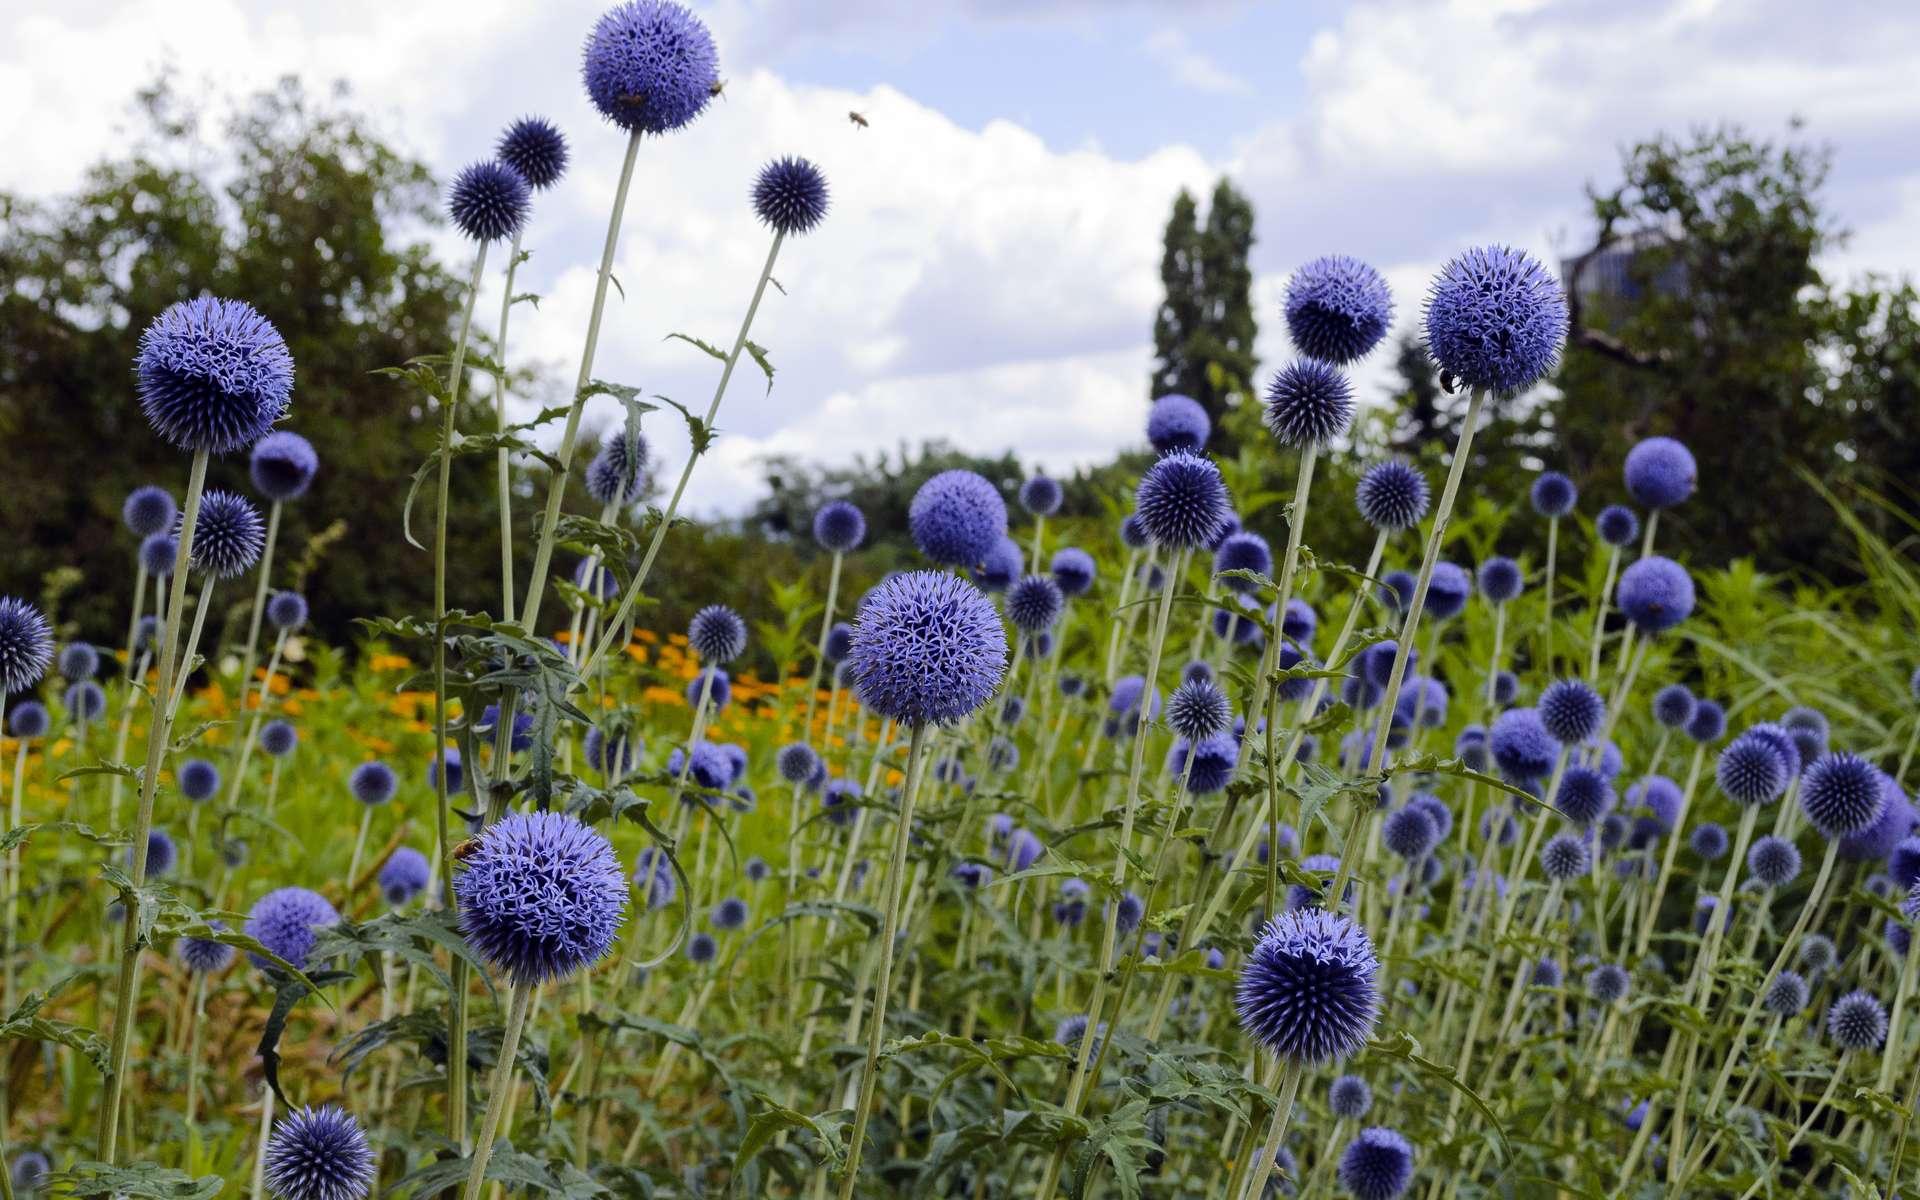 L'Échinops est une plante décorative, plaisante à croiser dans les prairies mais que l'on peut aussi cultiver chez soi. © Gpad, Adobe Stock